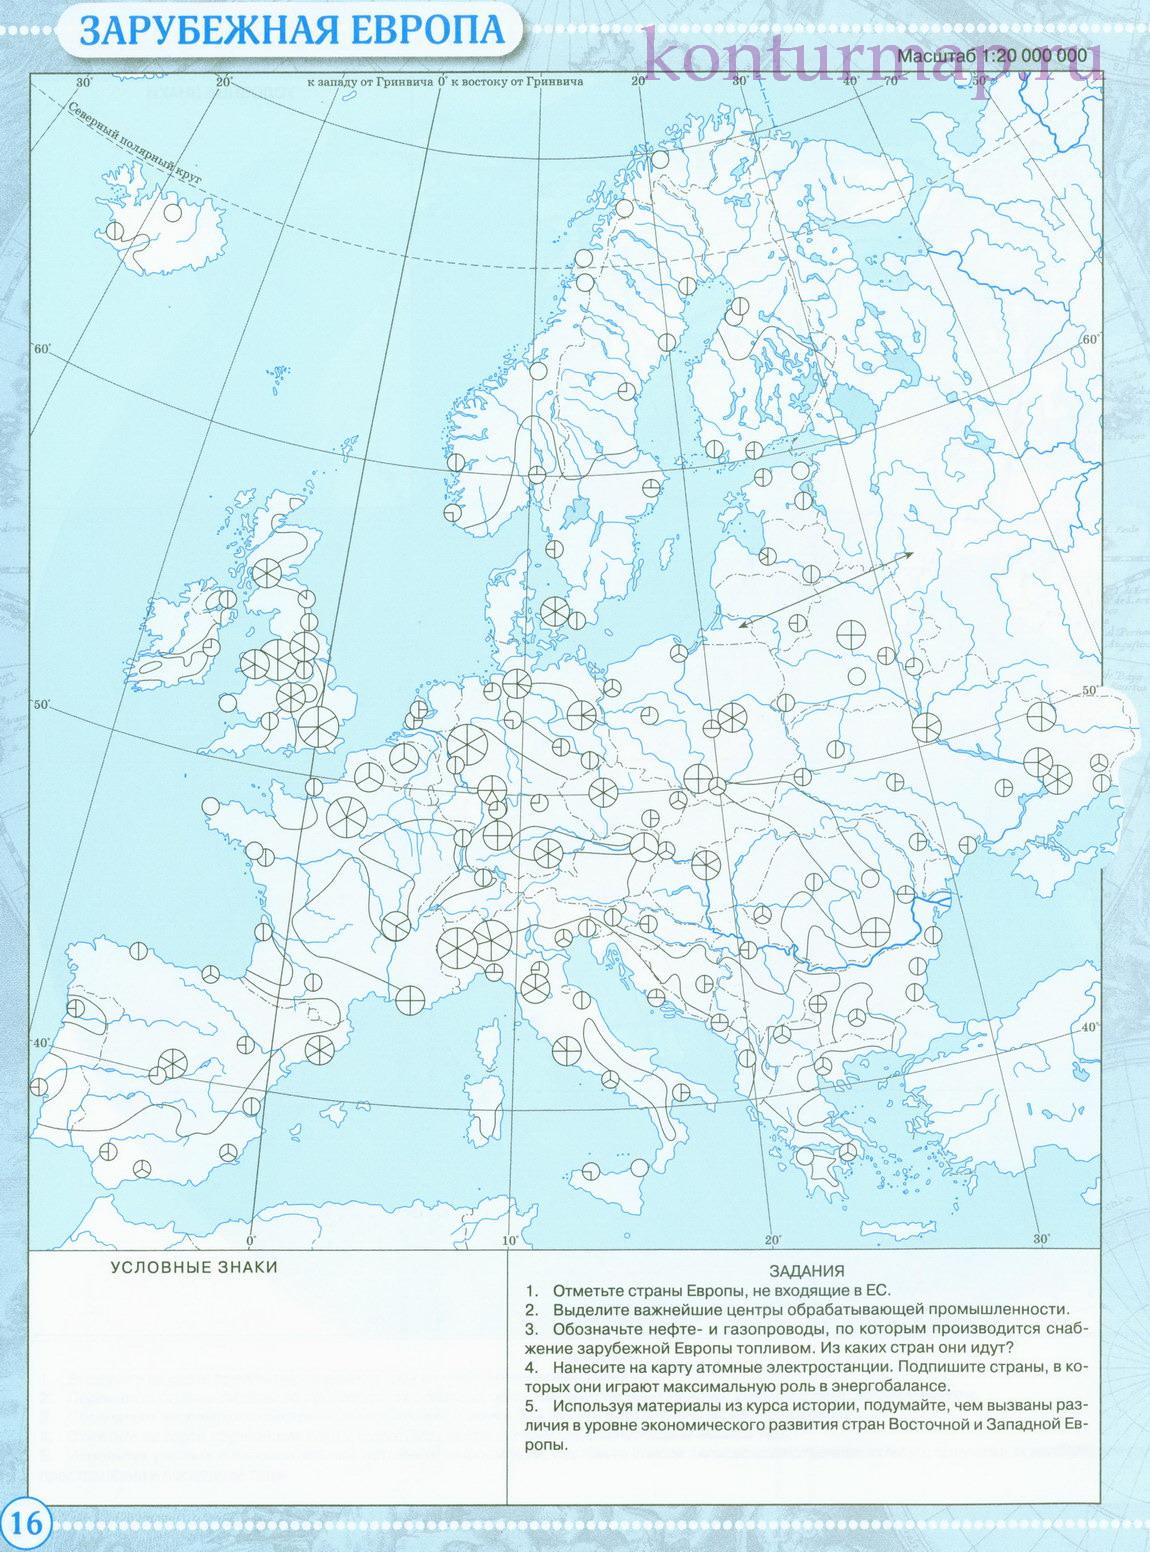 Выполненная контурная карта зарубежная европа 10 класс сделанная